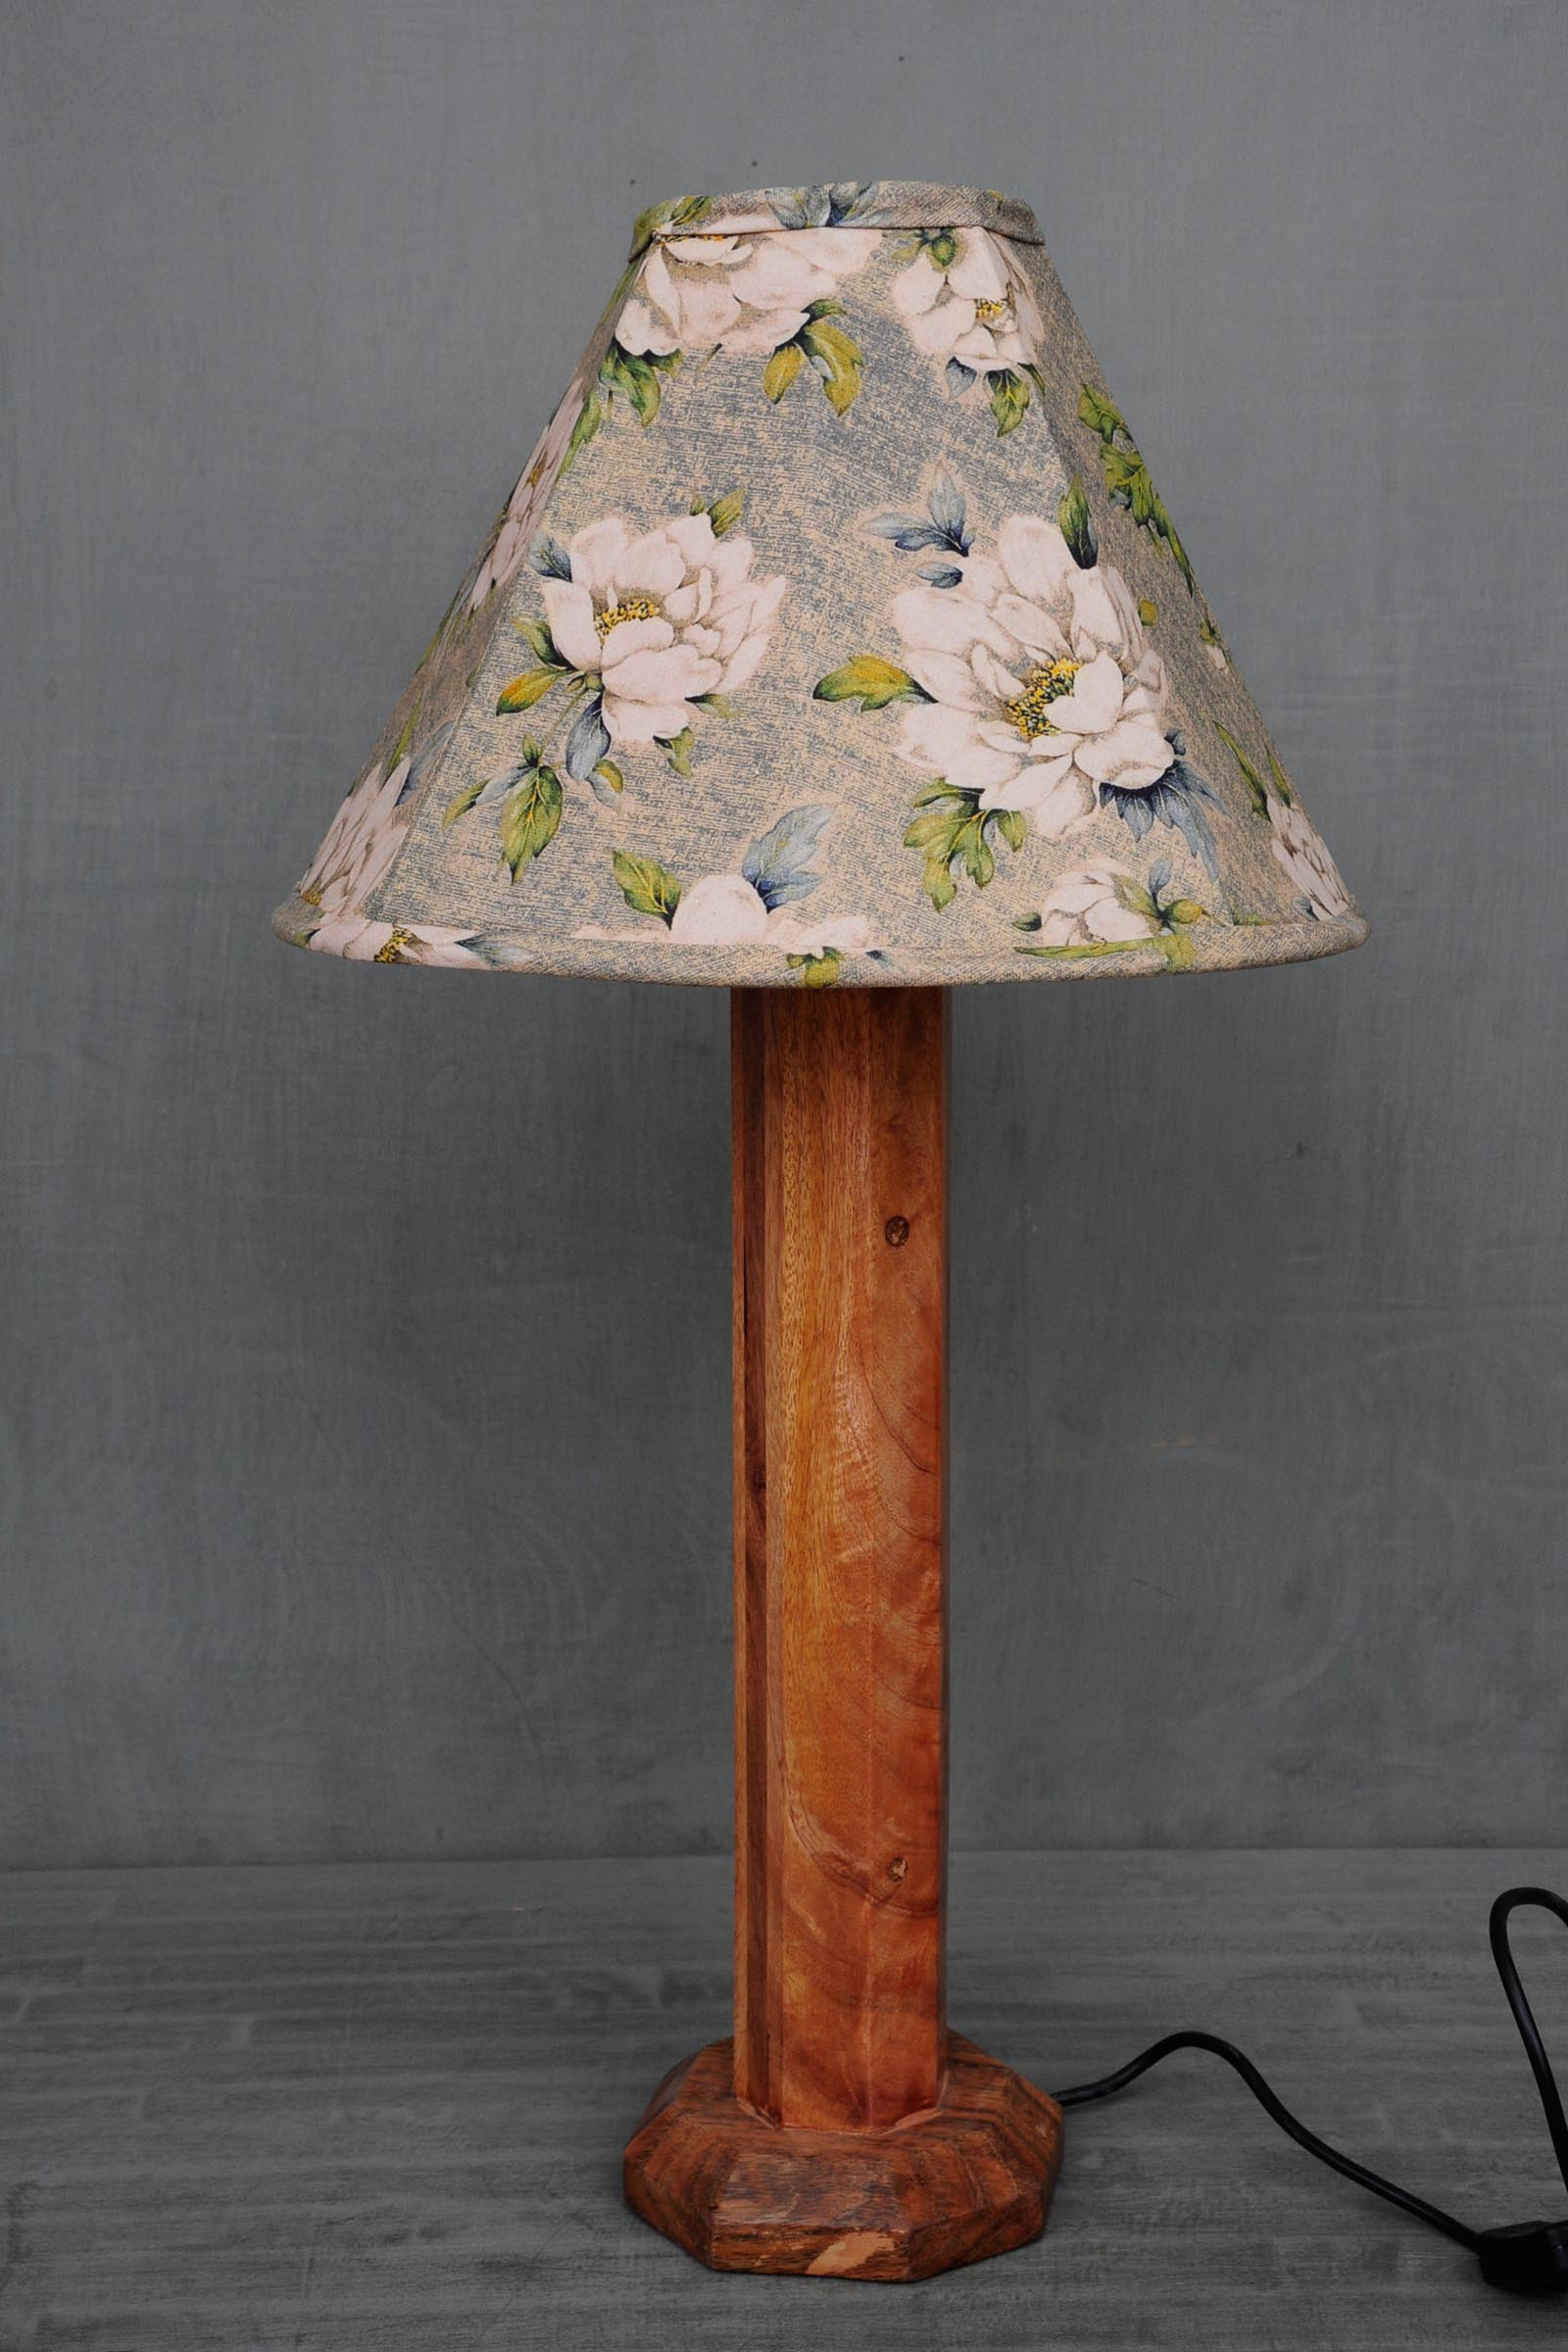 Moonlight Medium Lamp Shade